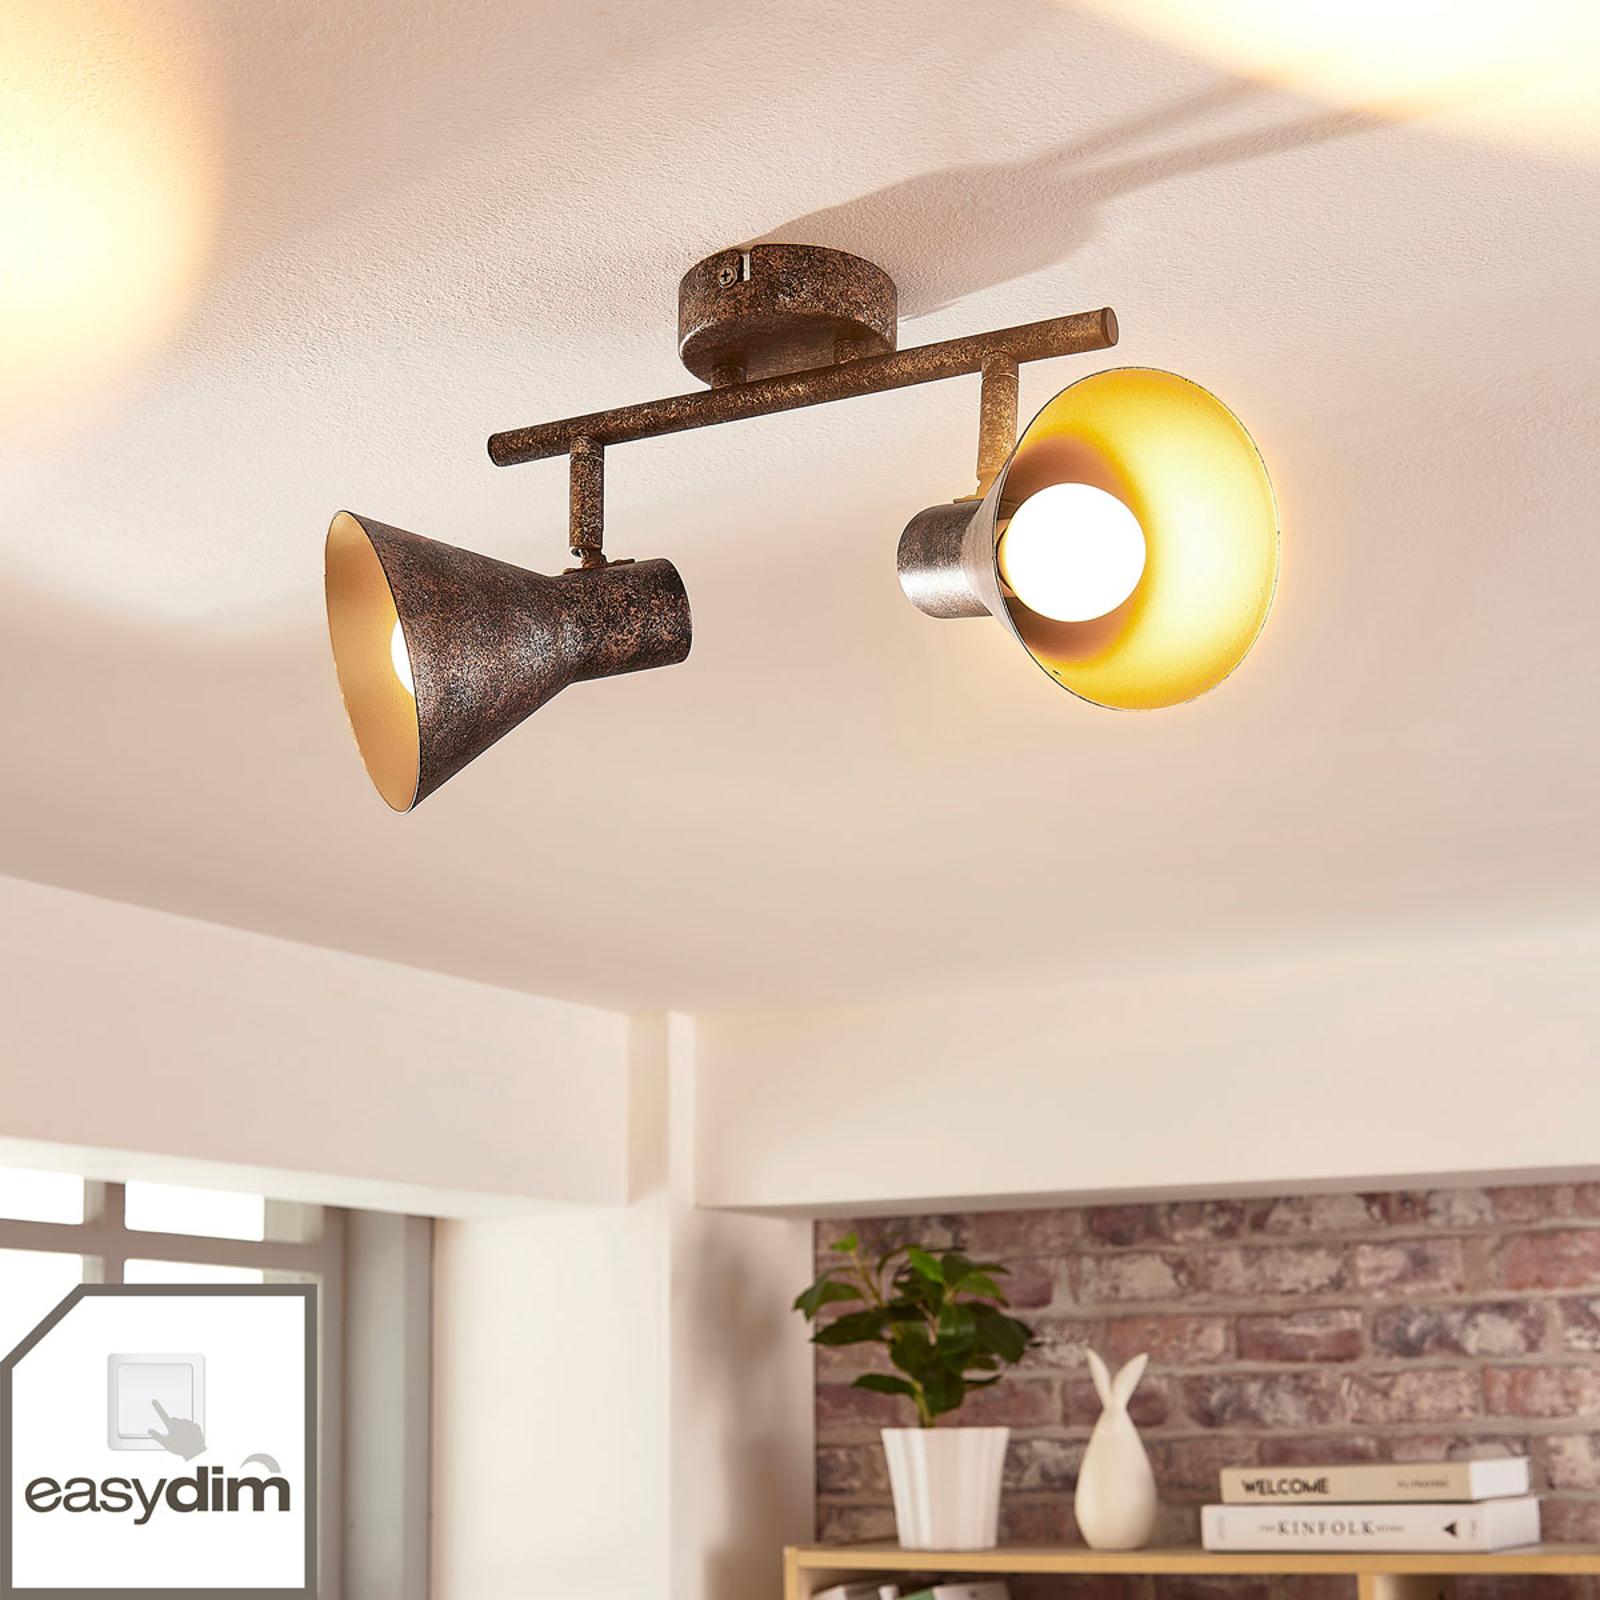 Svart-gylden LED-taklampe Zera, Easydim